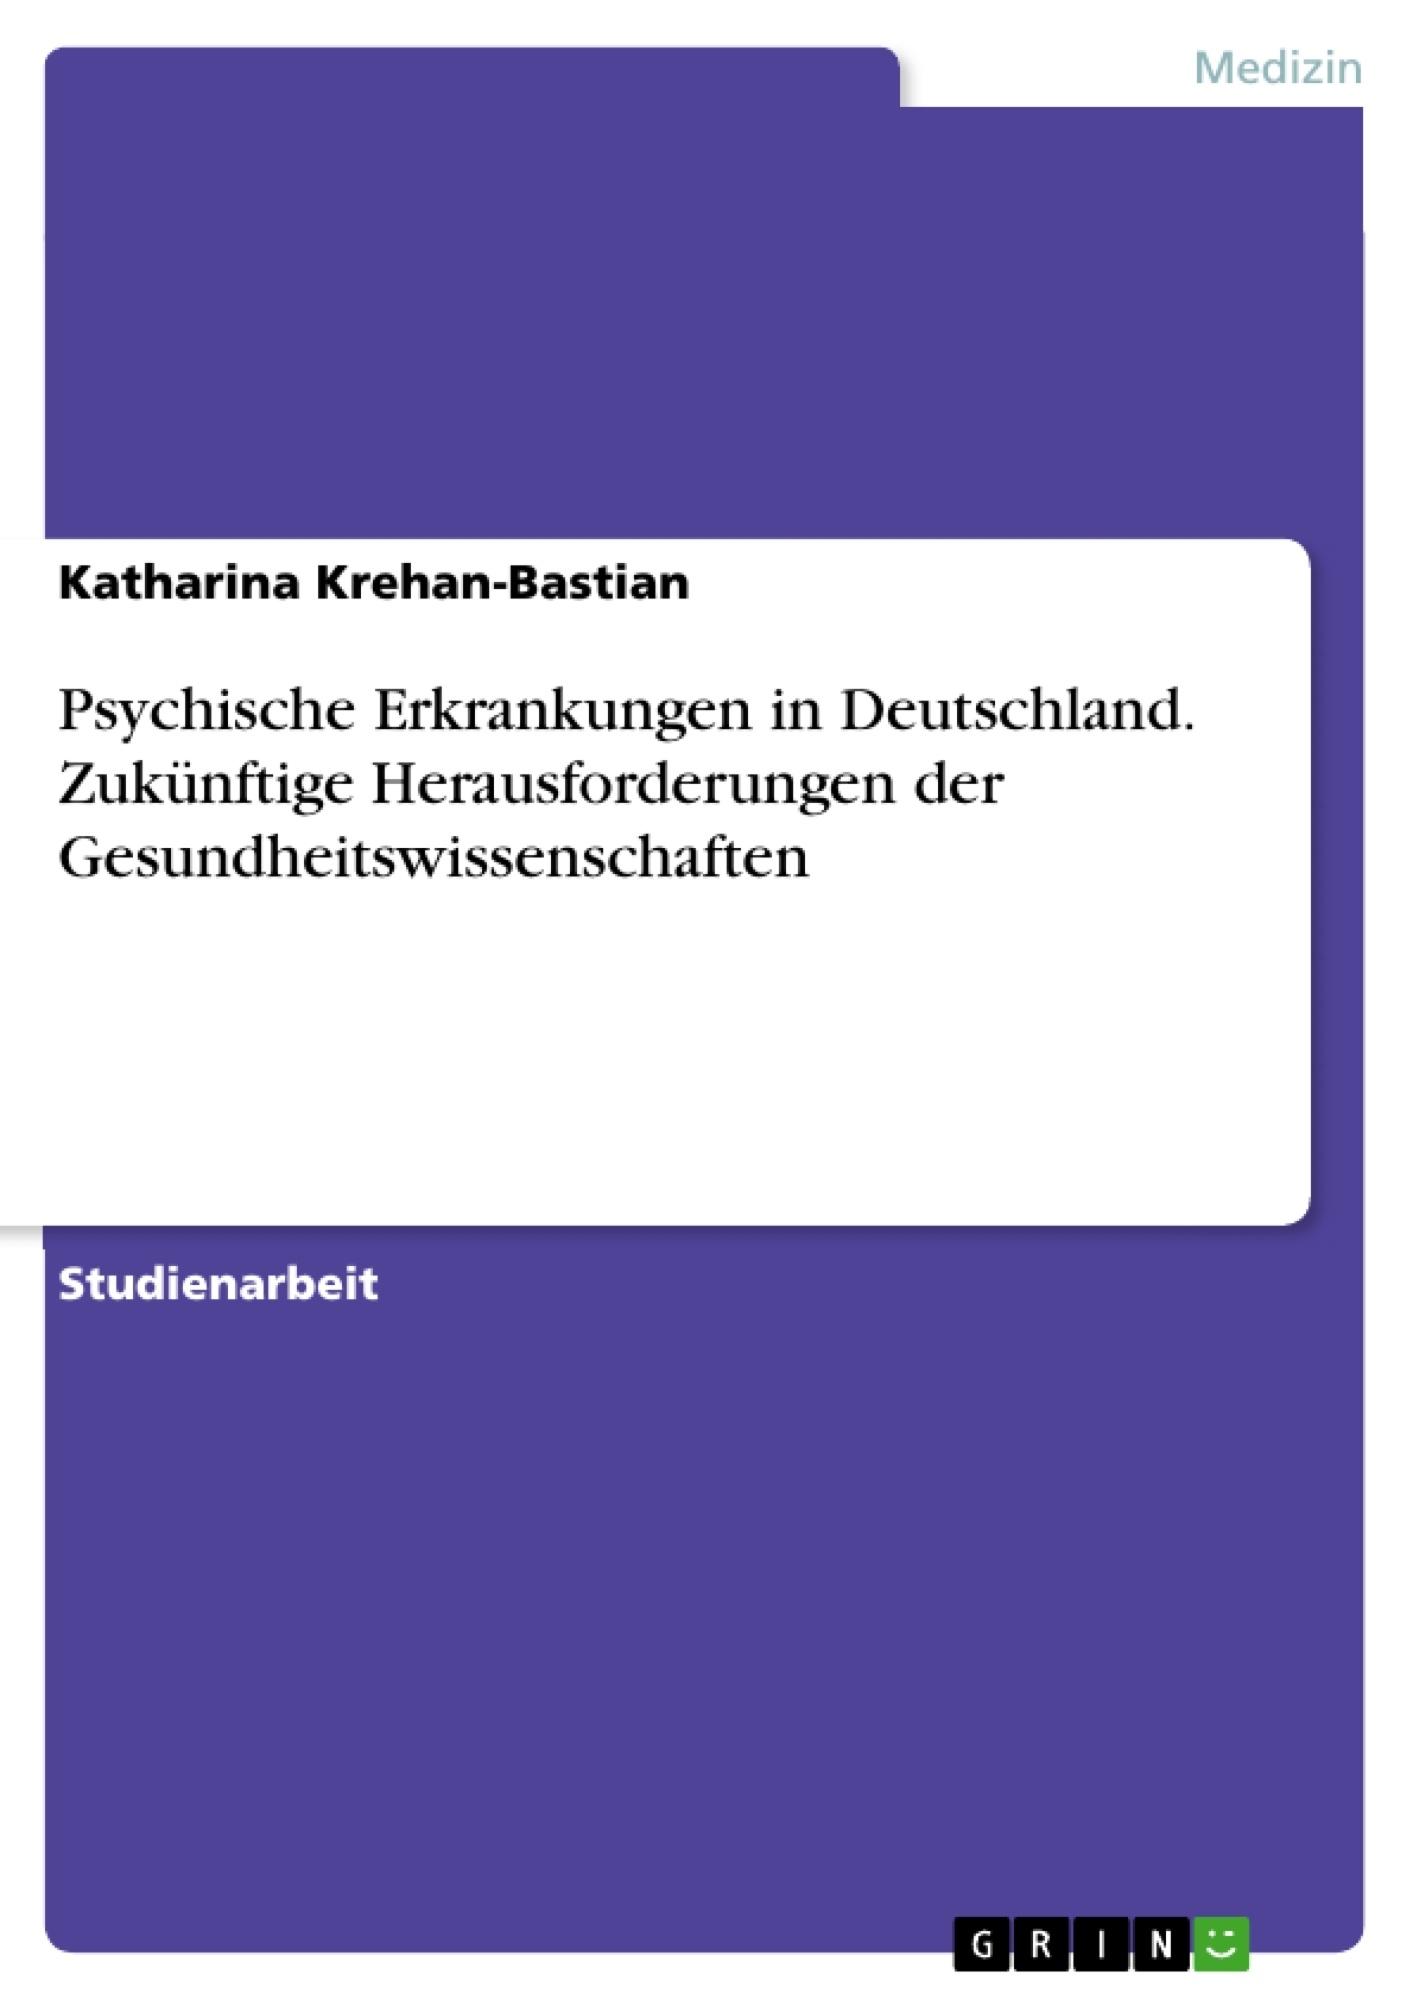 Titel: Psychische Erkrankungen in Deutschland. Zukünftige Herausforderungen der Gesundheitswissenschaften